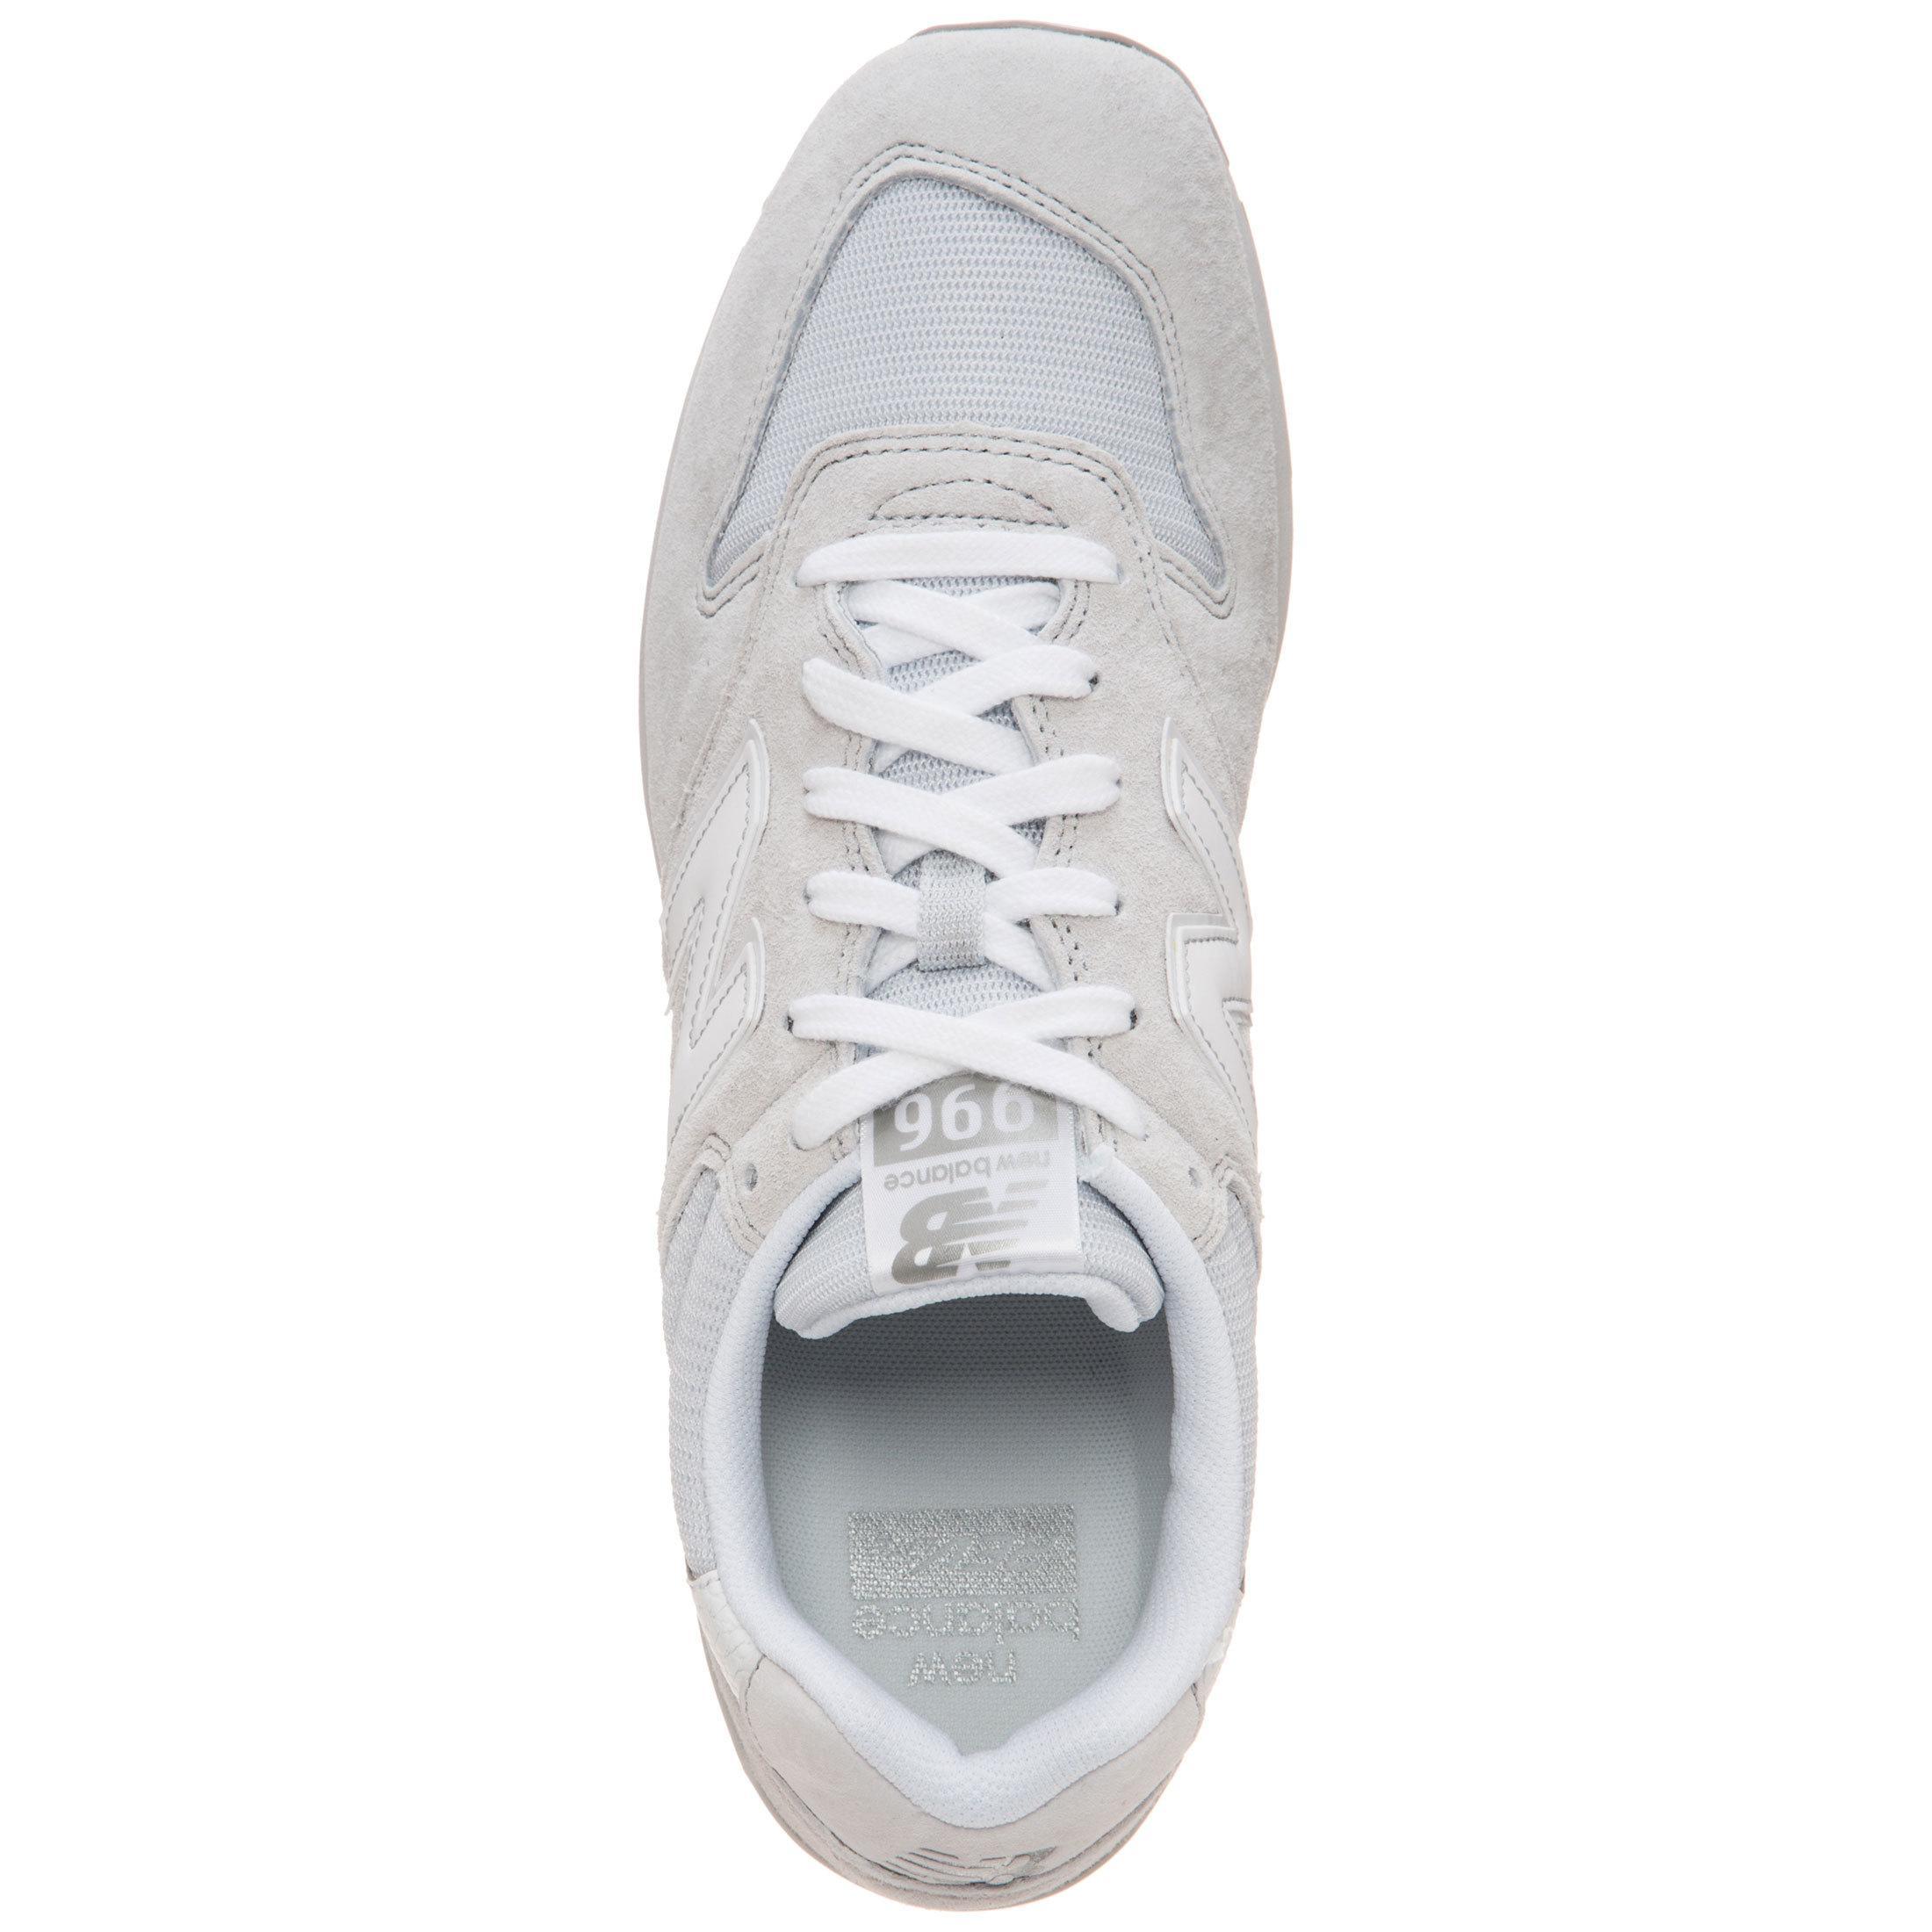 NEW BALANCE BALANCE BALANCE MRL996-PH-D Sneaker Herren weiß / hellgrau im Online Shop von SportScheck kaufen Gute Qualität beliebte Schuhe dfc1a5